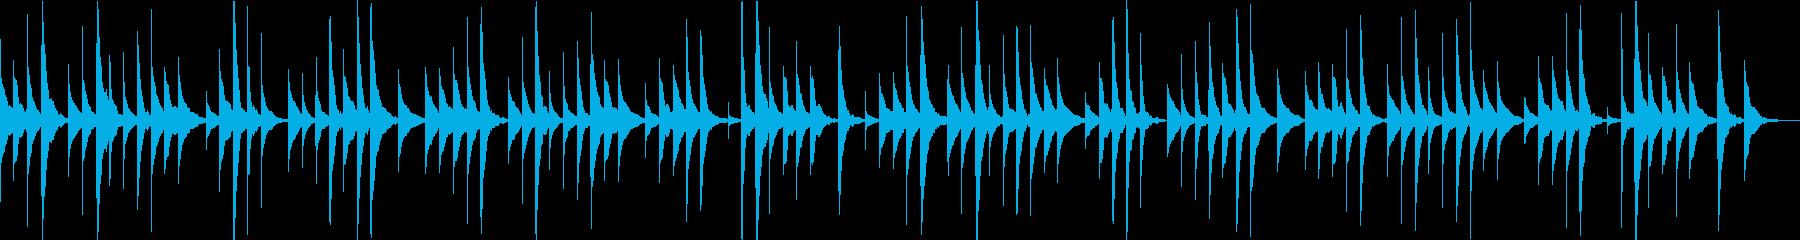 ロンドンデリーの歌のオルゴールアレンジの再生済みの波形